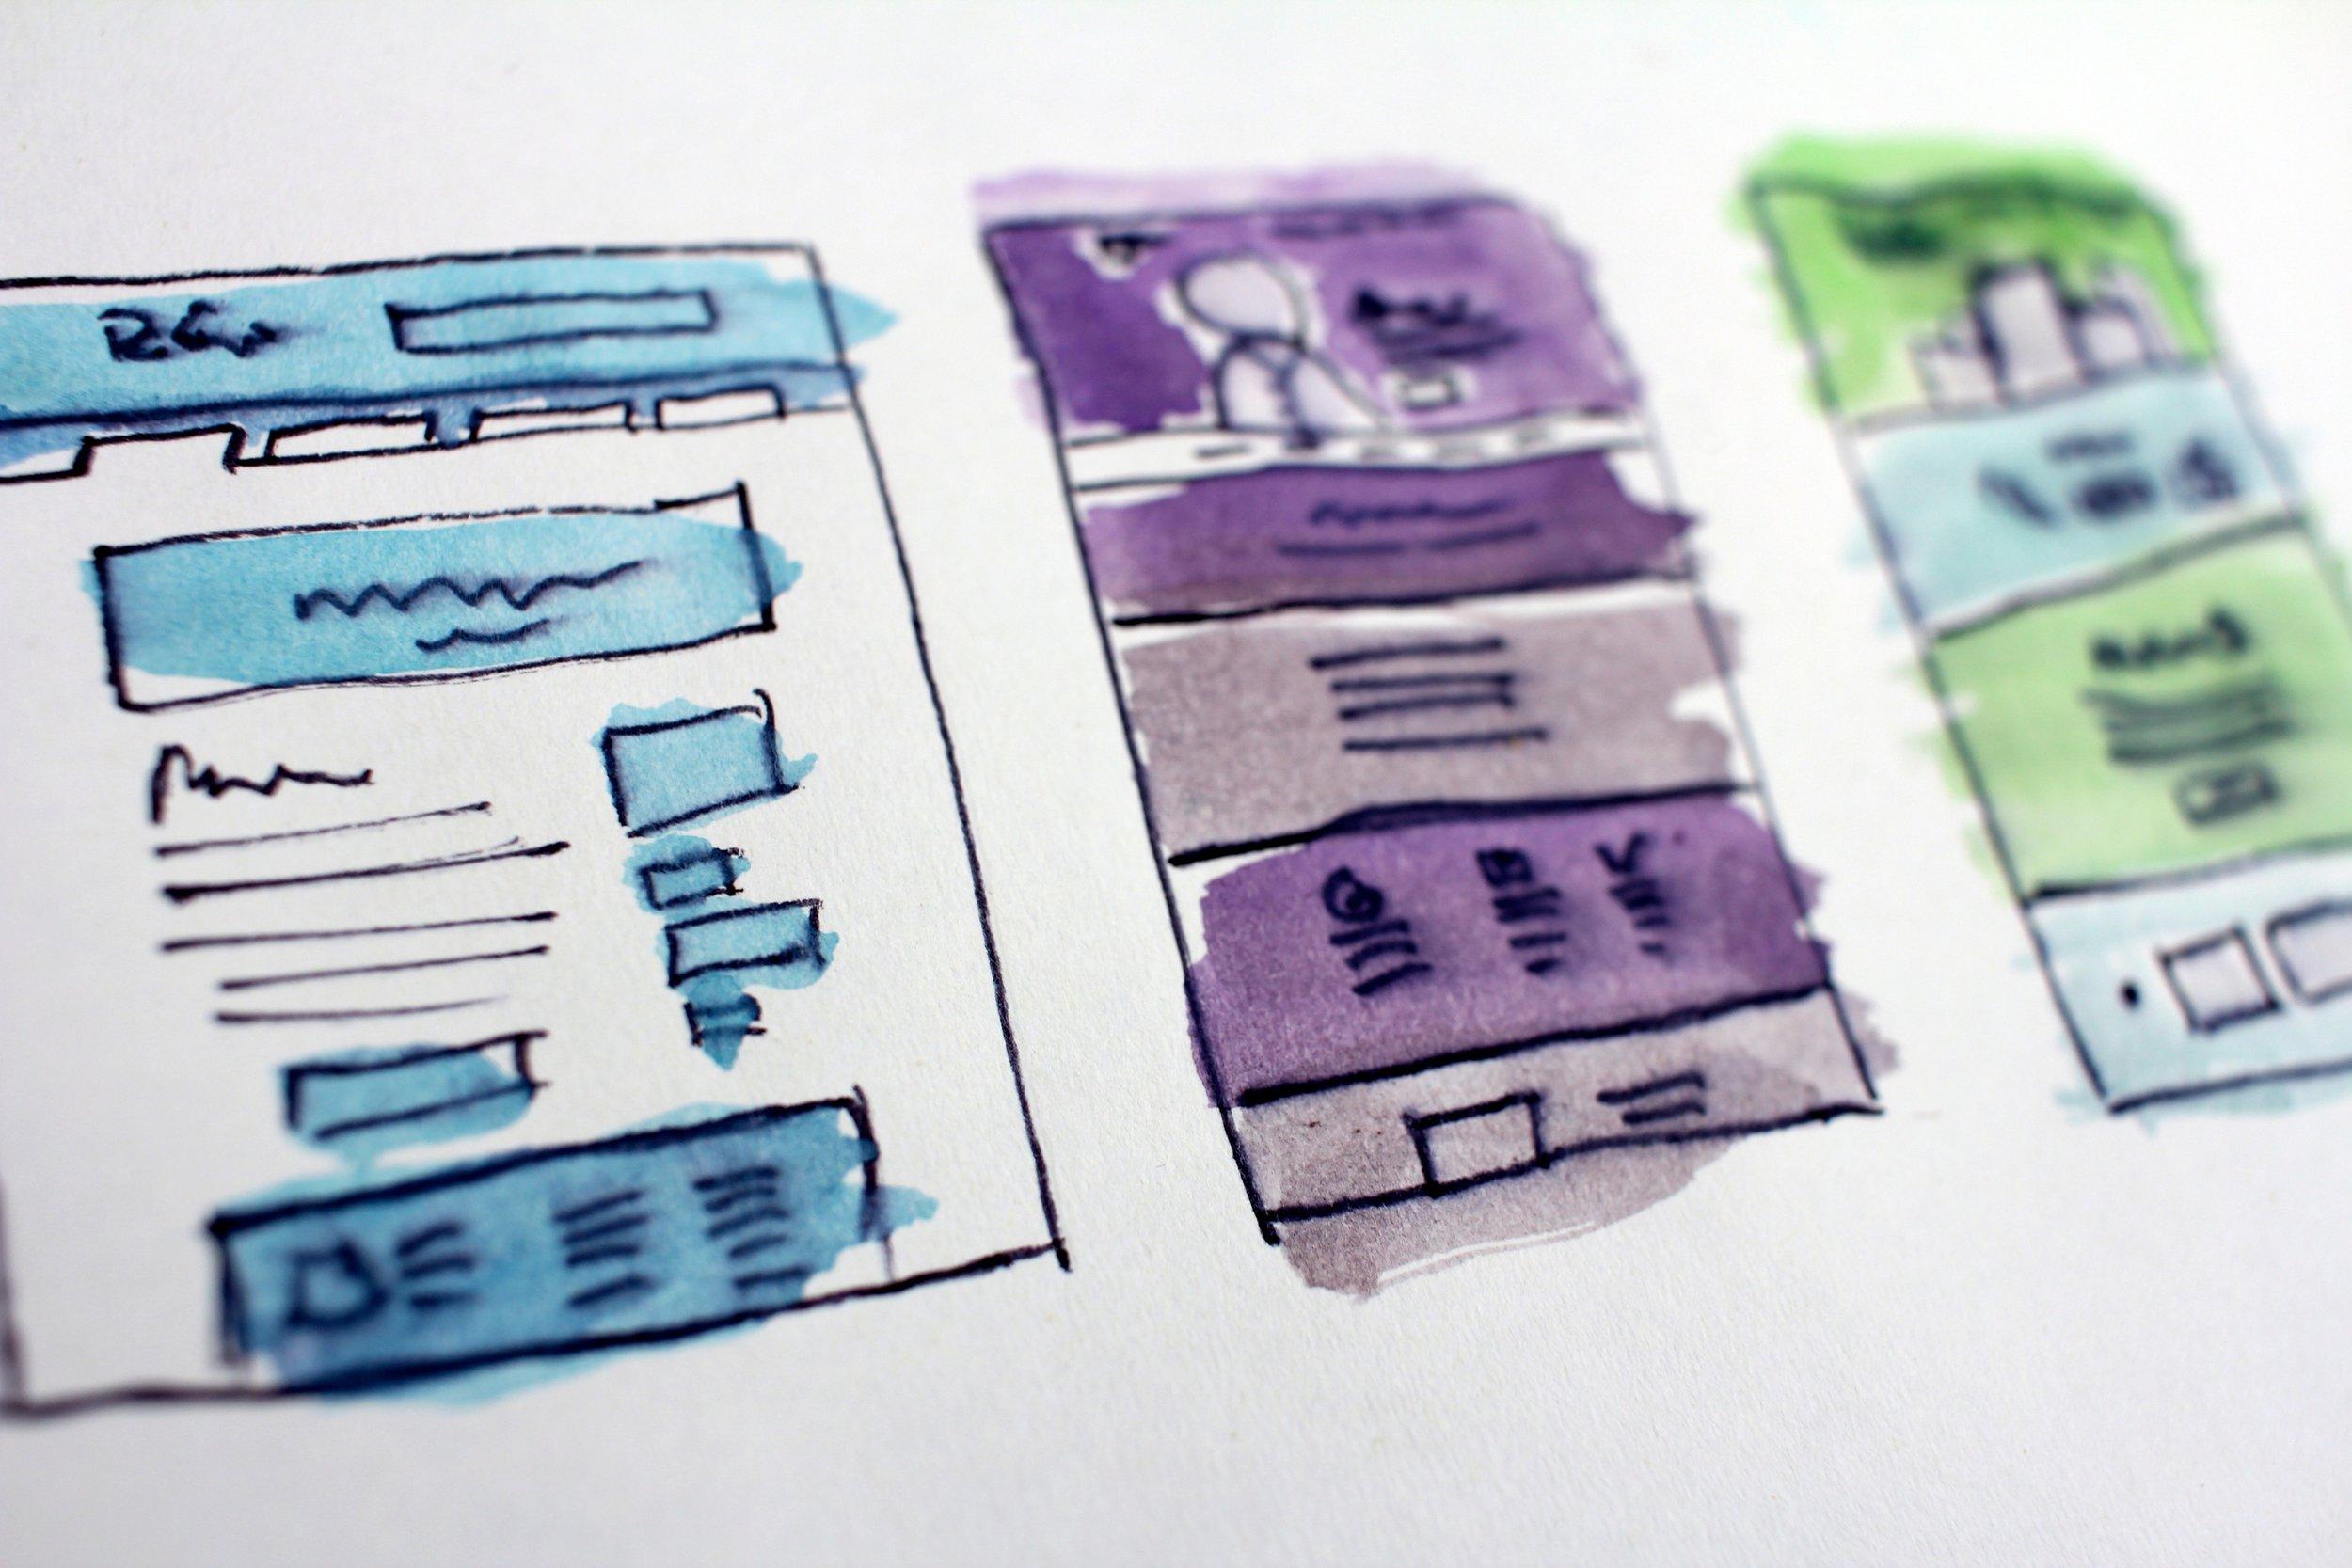 - APP DesignWeb DesignBranding Design